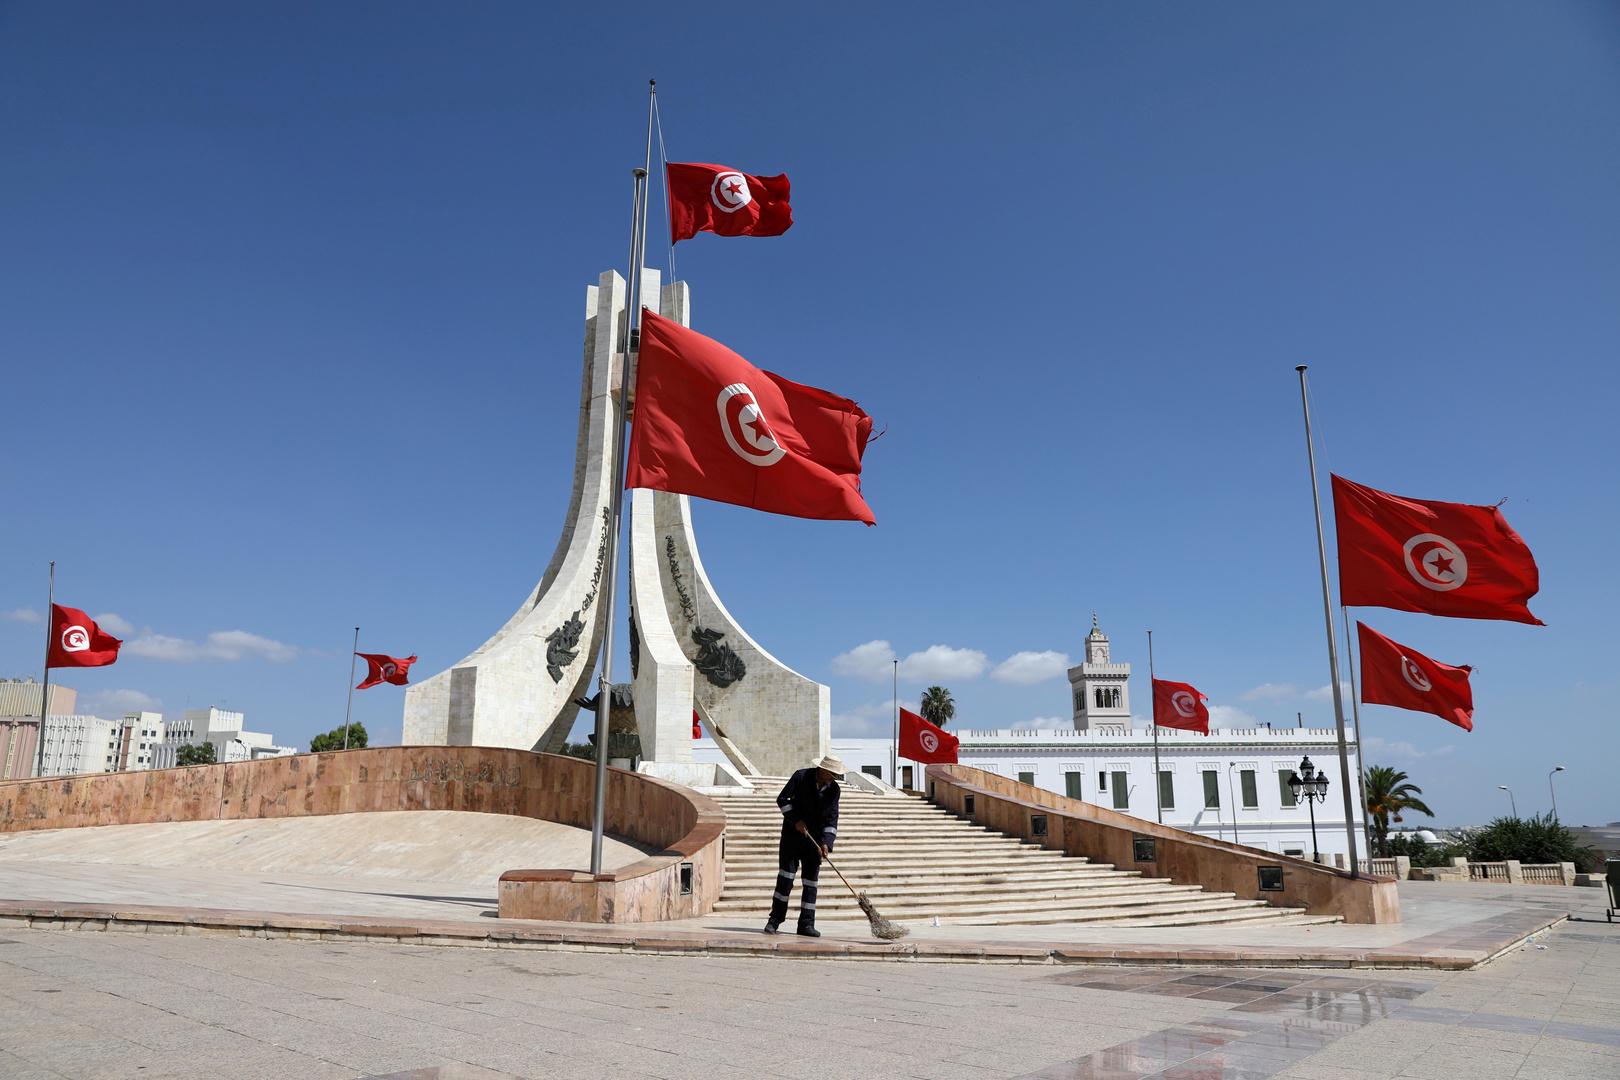 جمعية اتحاد التونسيين المستقلين من أجل الحرية تبارك وتدفع بثلاثة مطالب